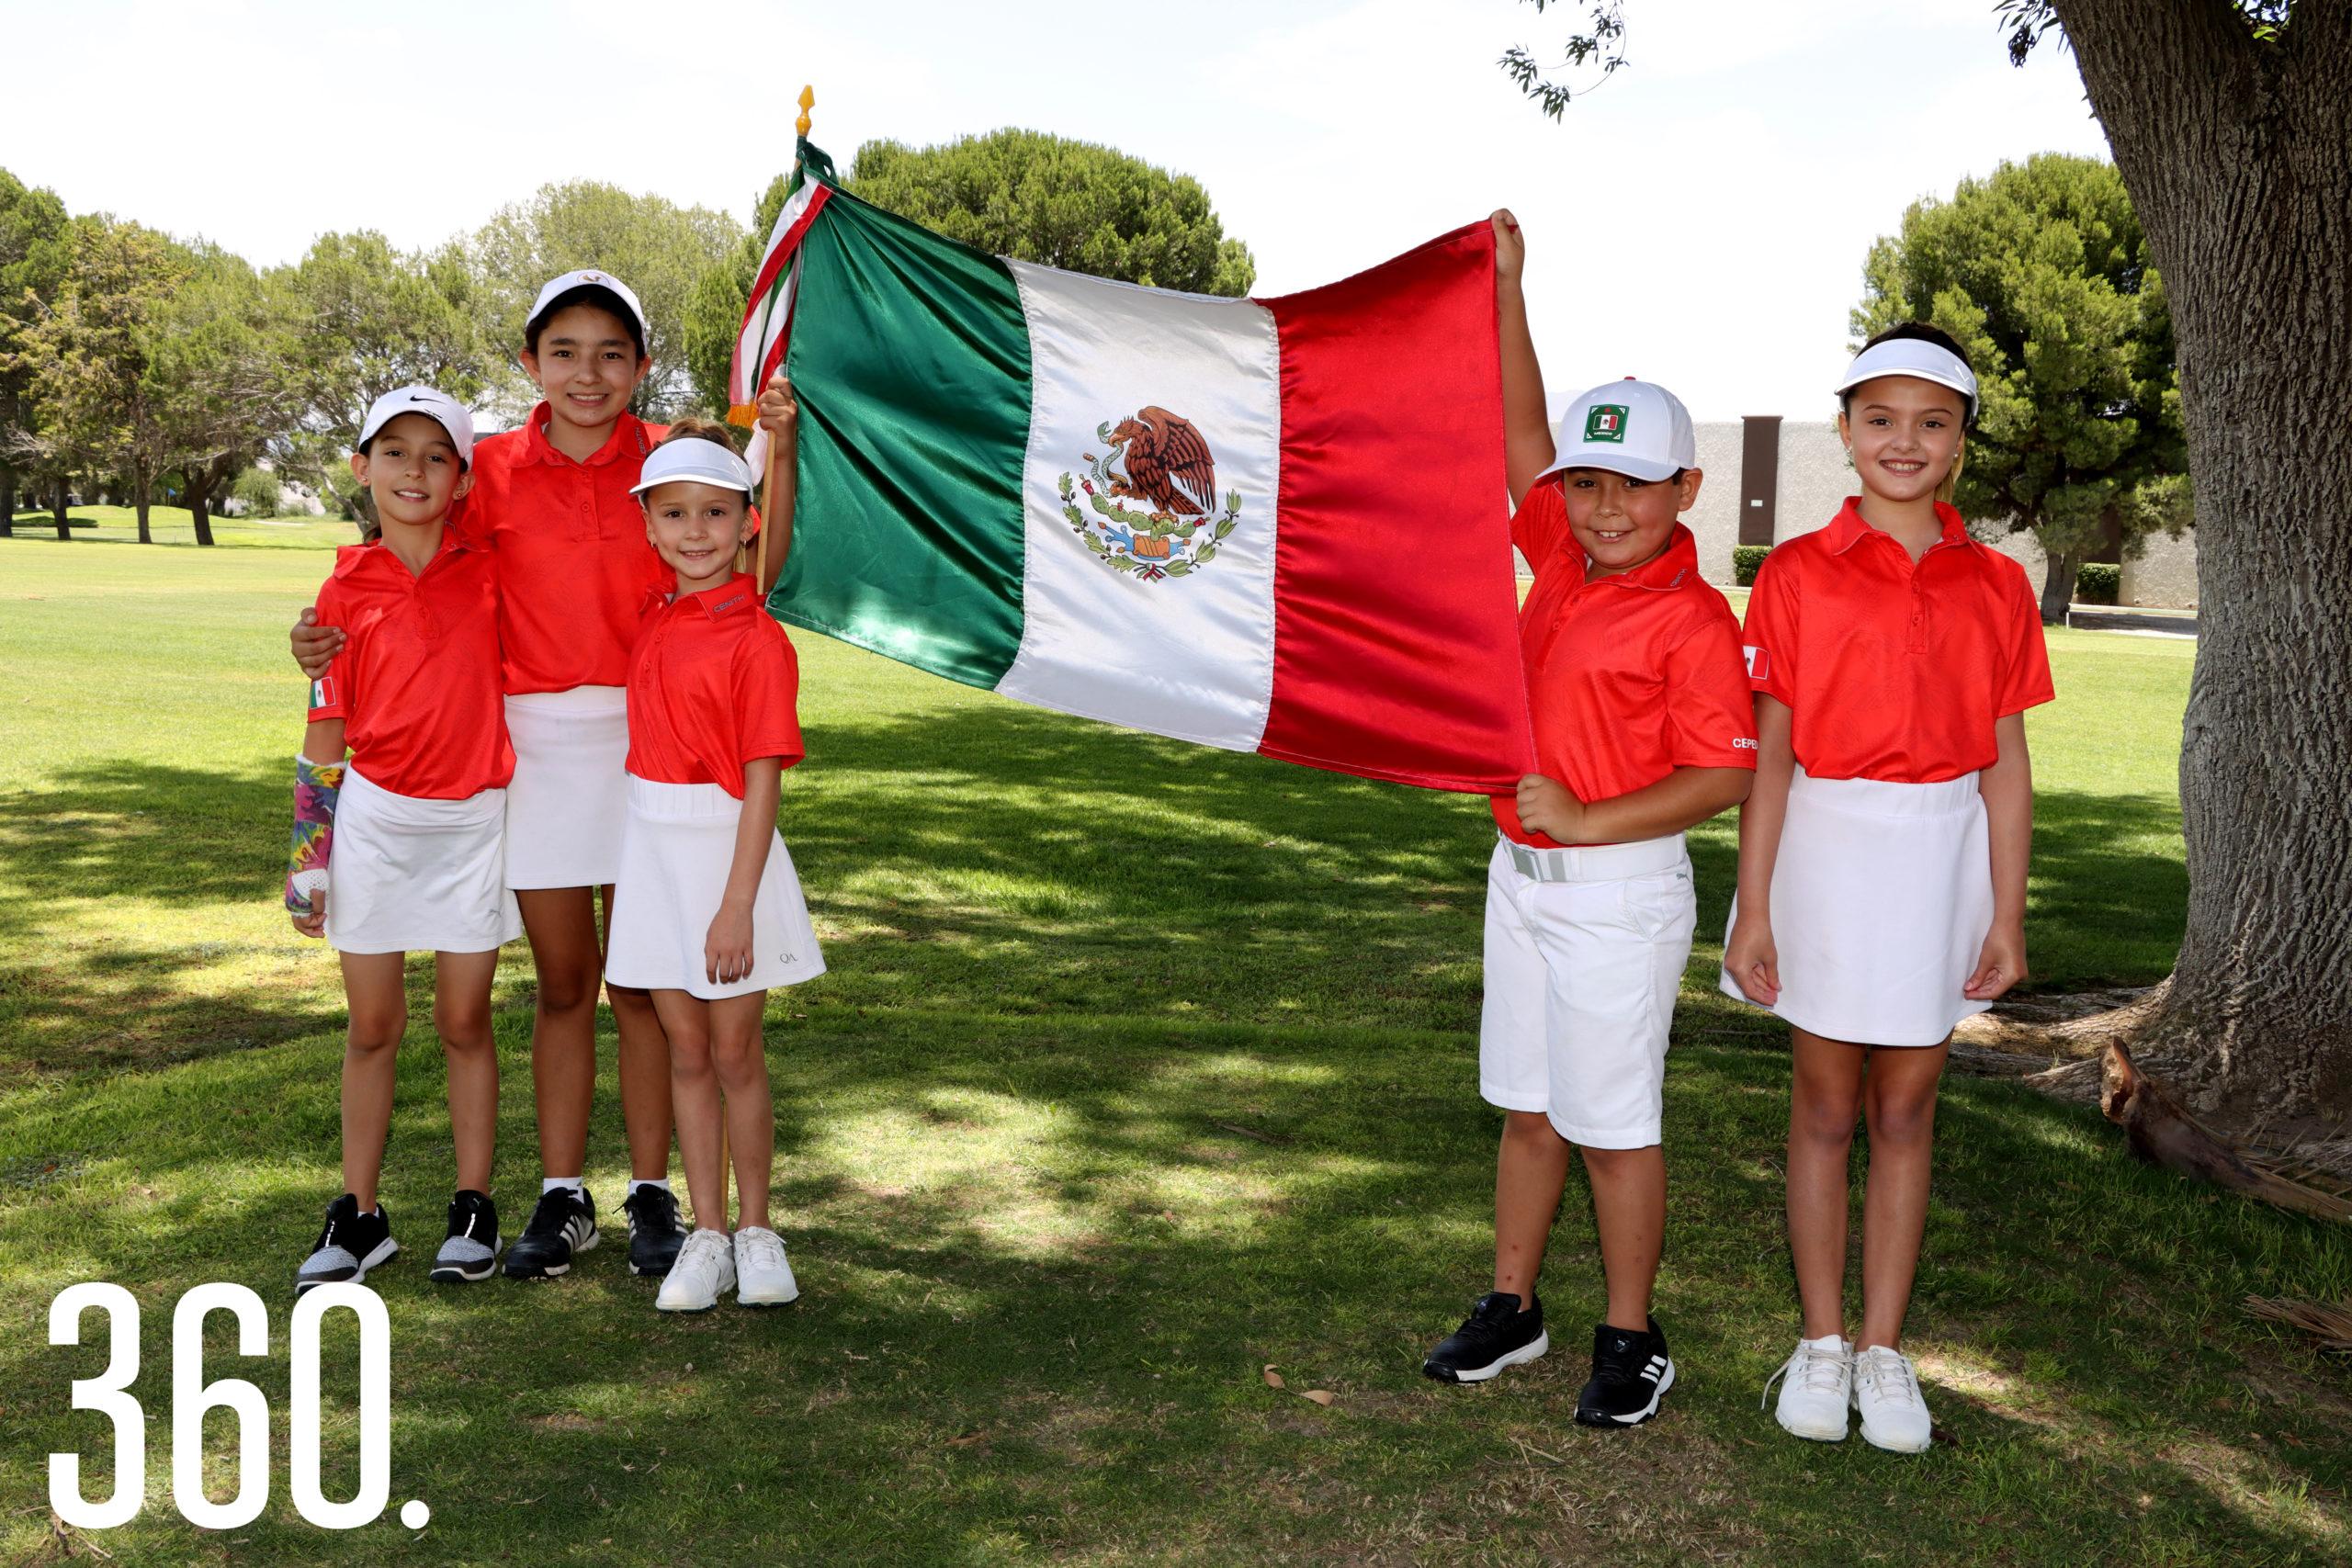 María Paula Rodríguez, Paloma Ibarra Ambia, Mariel López Ruiz, Román Cepeda Dewey y Elsa María López Ruiz listos para jugar en los mundiales de Golf representando a México.